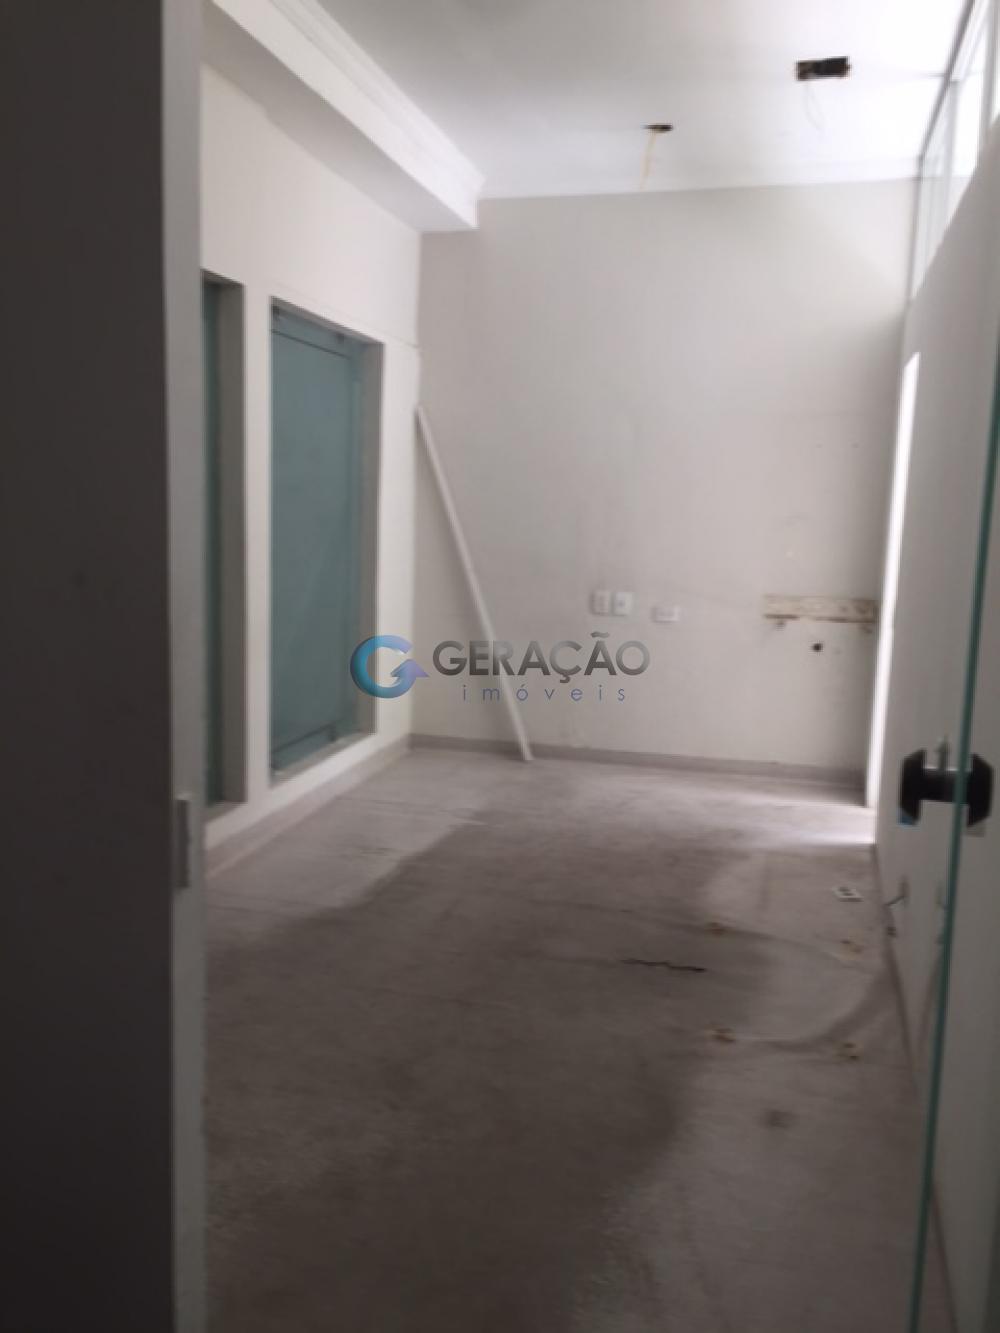 Alugar Comercial / Ponto Comercial em São José dos Campos R$ 15.000,00 - Foto 10